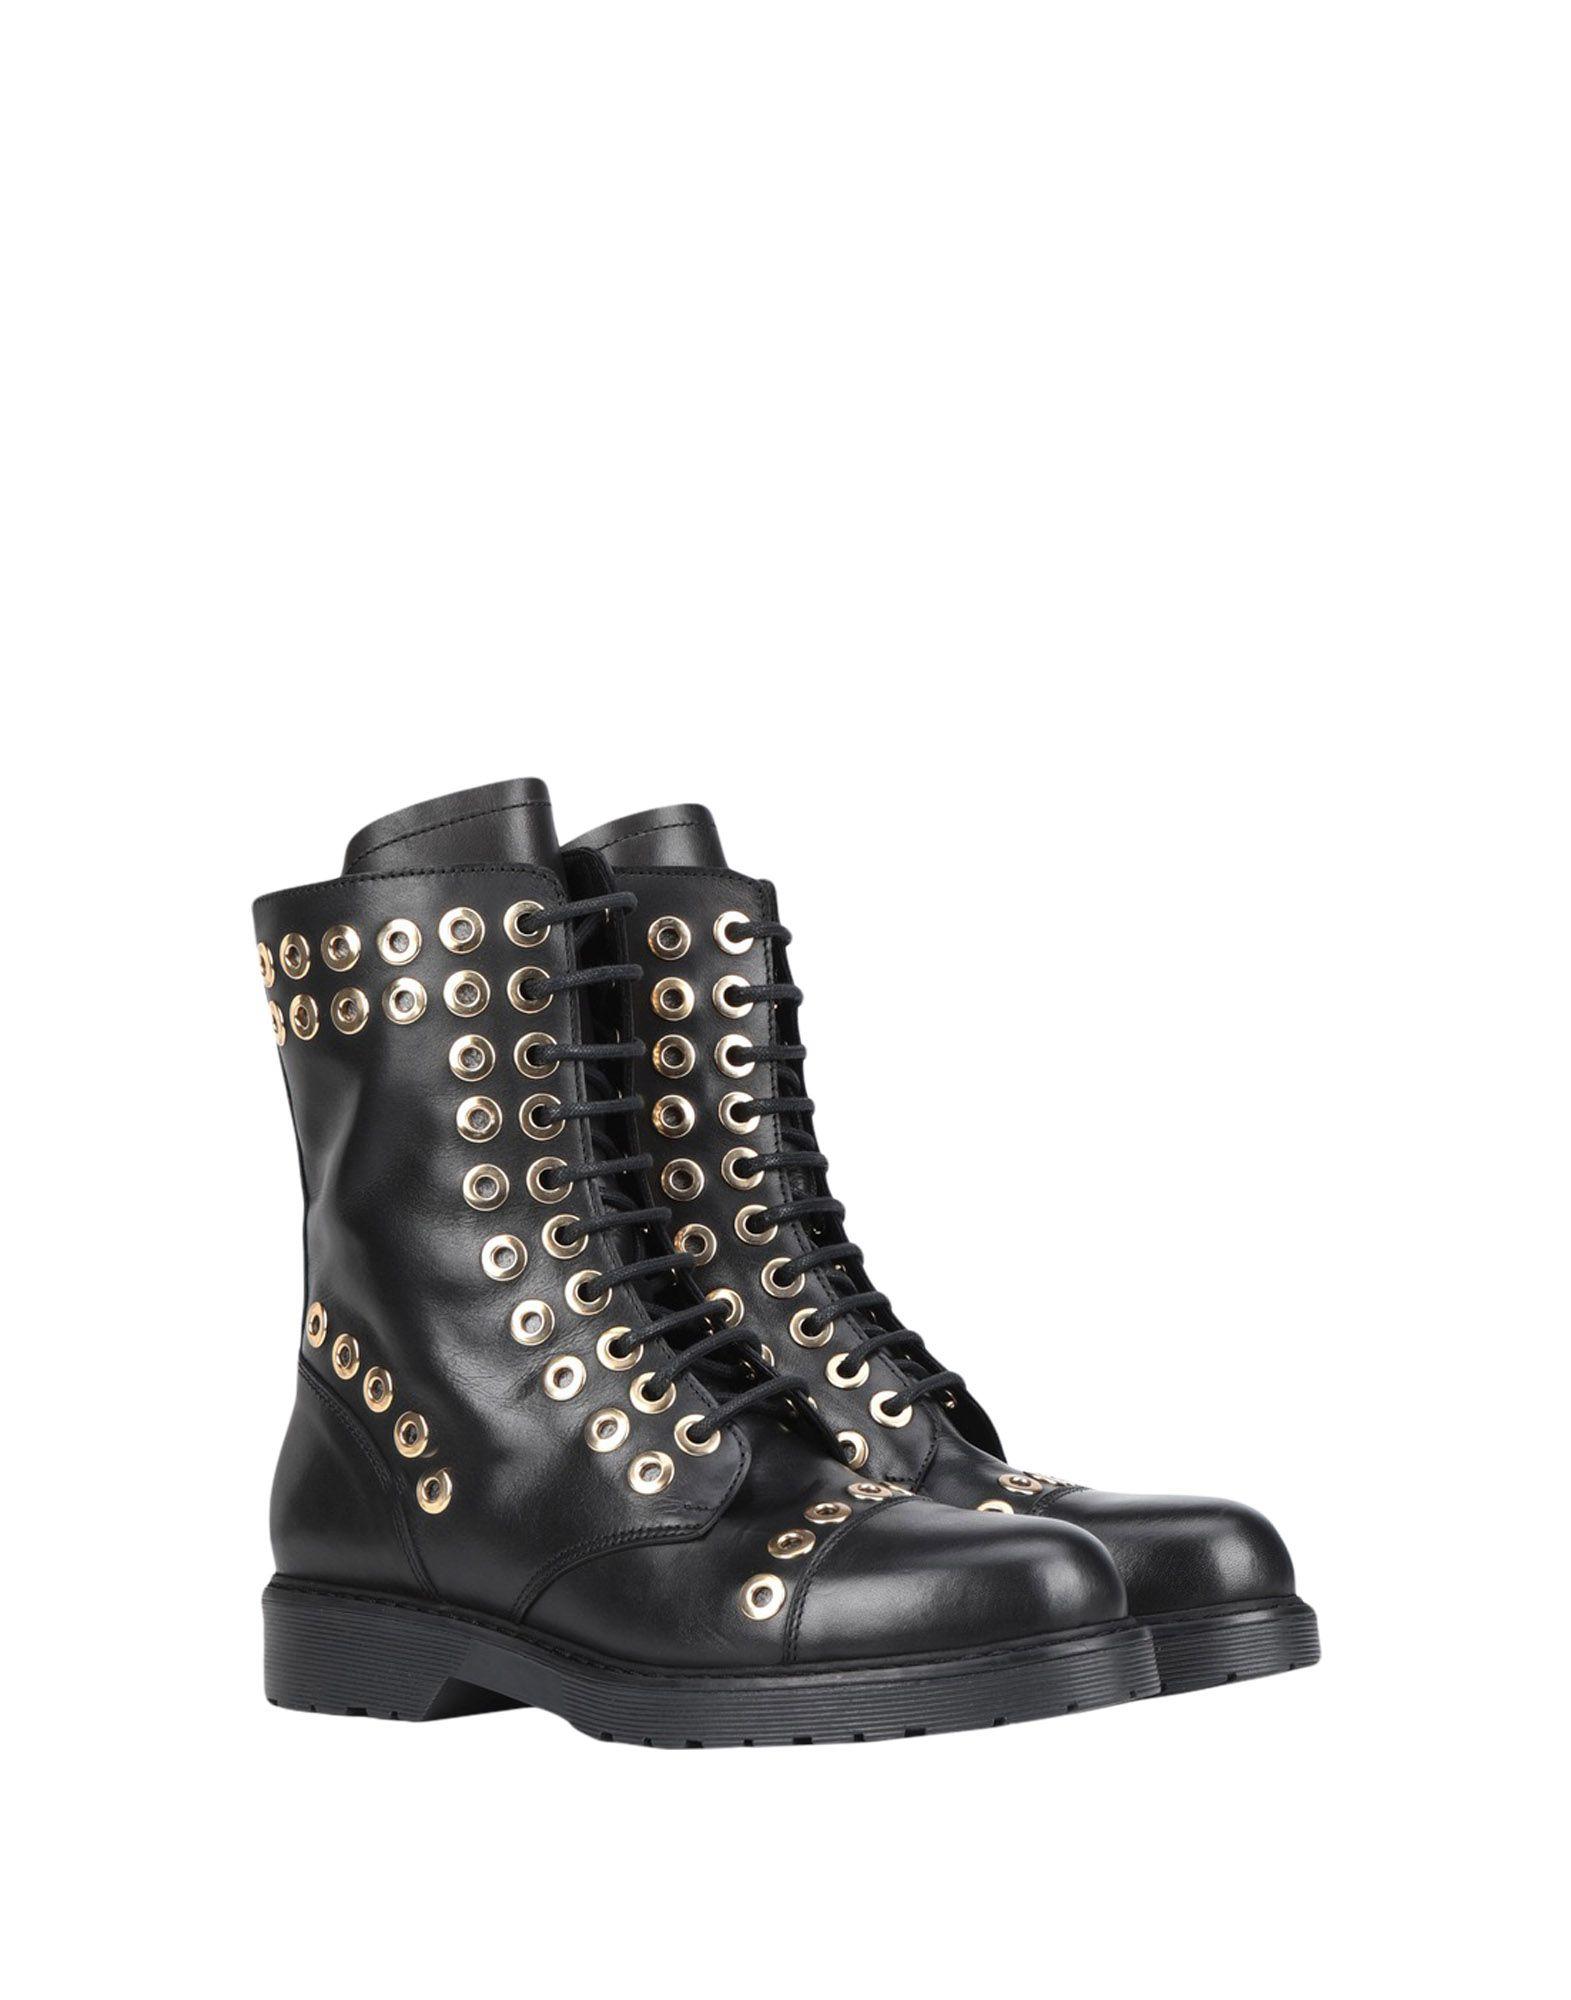 Stilvolle Stilvolle Stilvolle billige Schuhe Red Creatyve Stiefelette Damen  11534913WB 8c7bf6